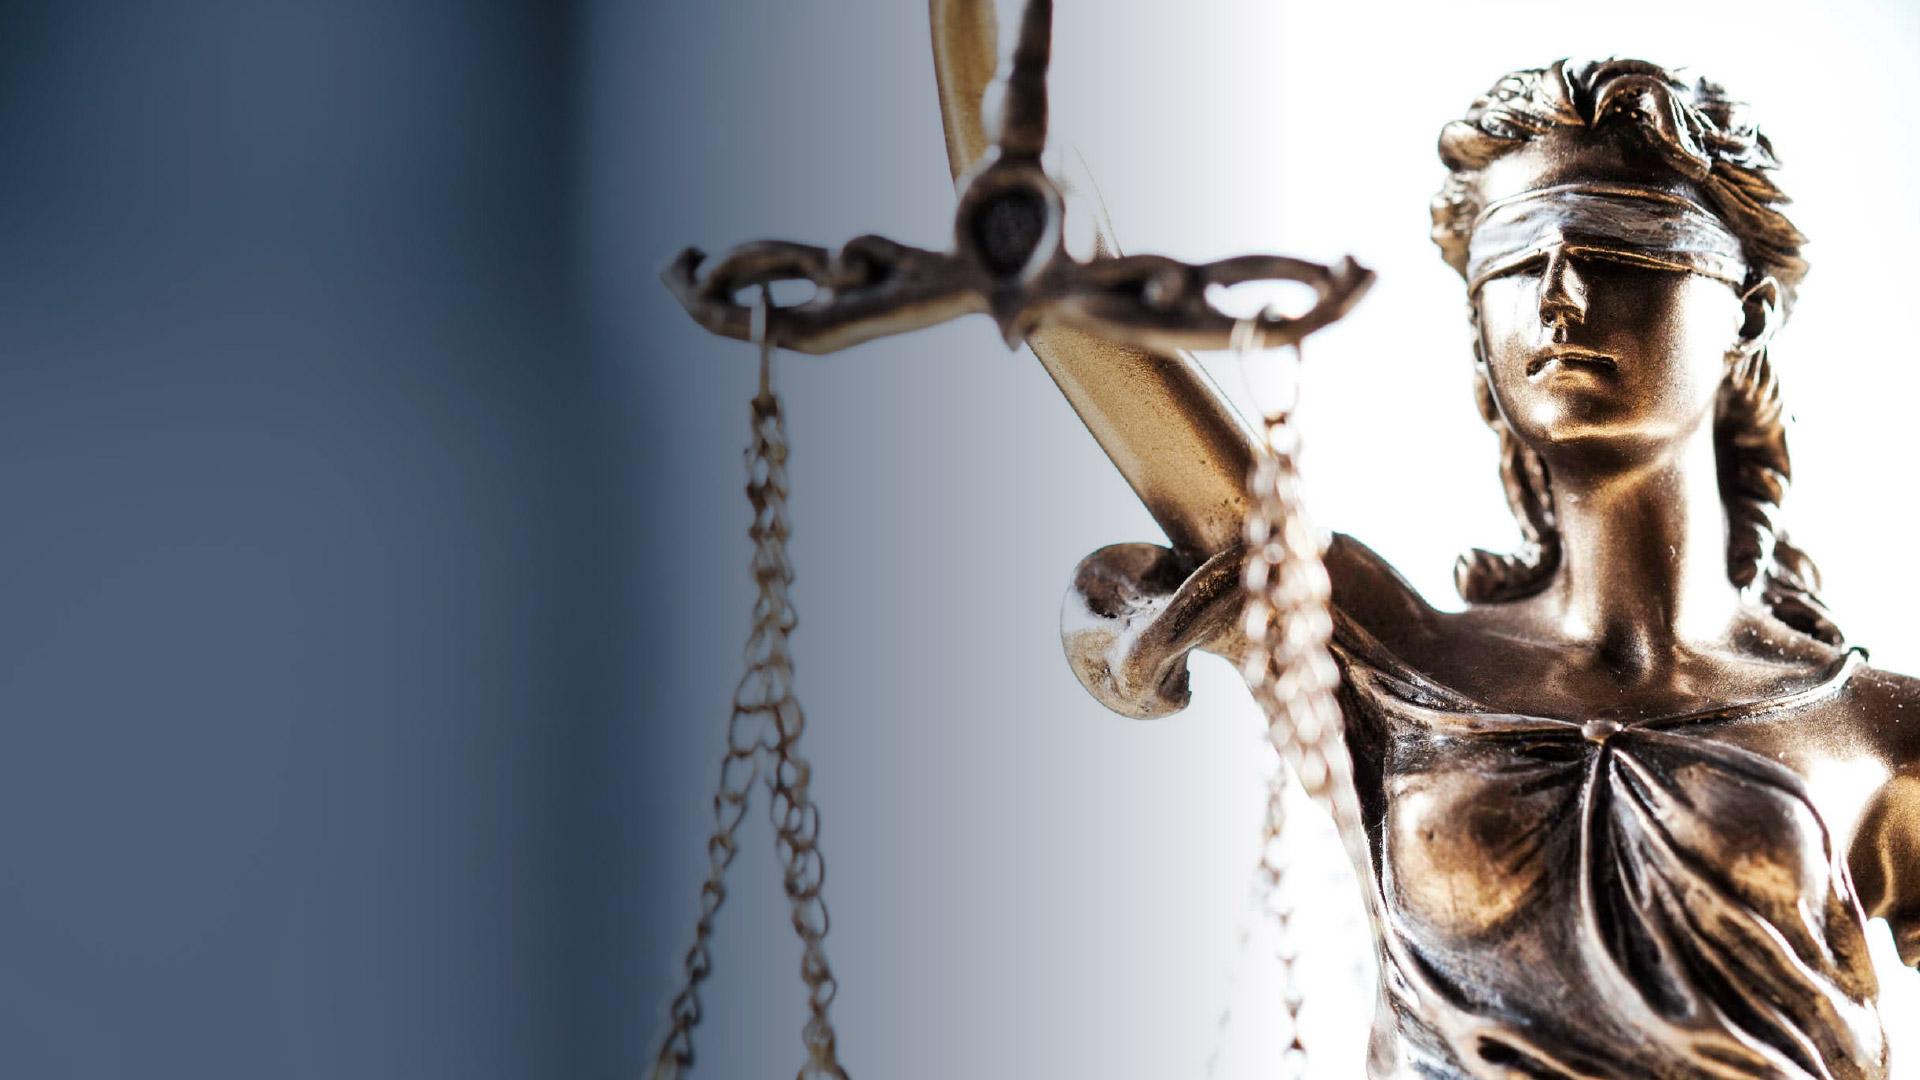 SBCP apoia decisão da justiça que proíbe biomédicos de realizarem procedimentos estéticos invasivos